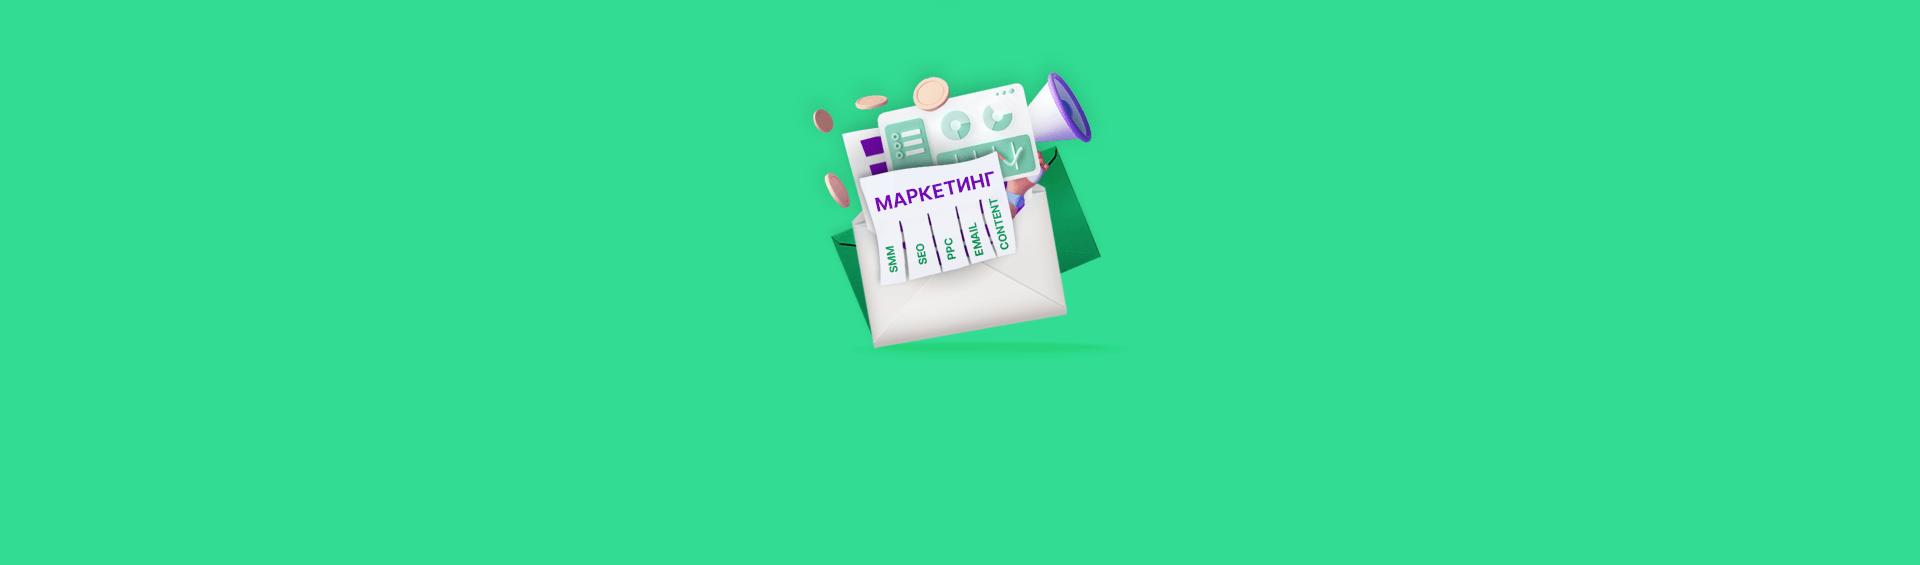 Каналы интернет-маркетинга